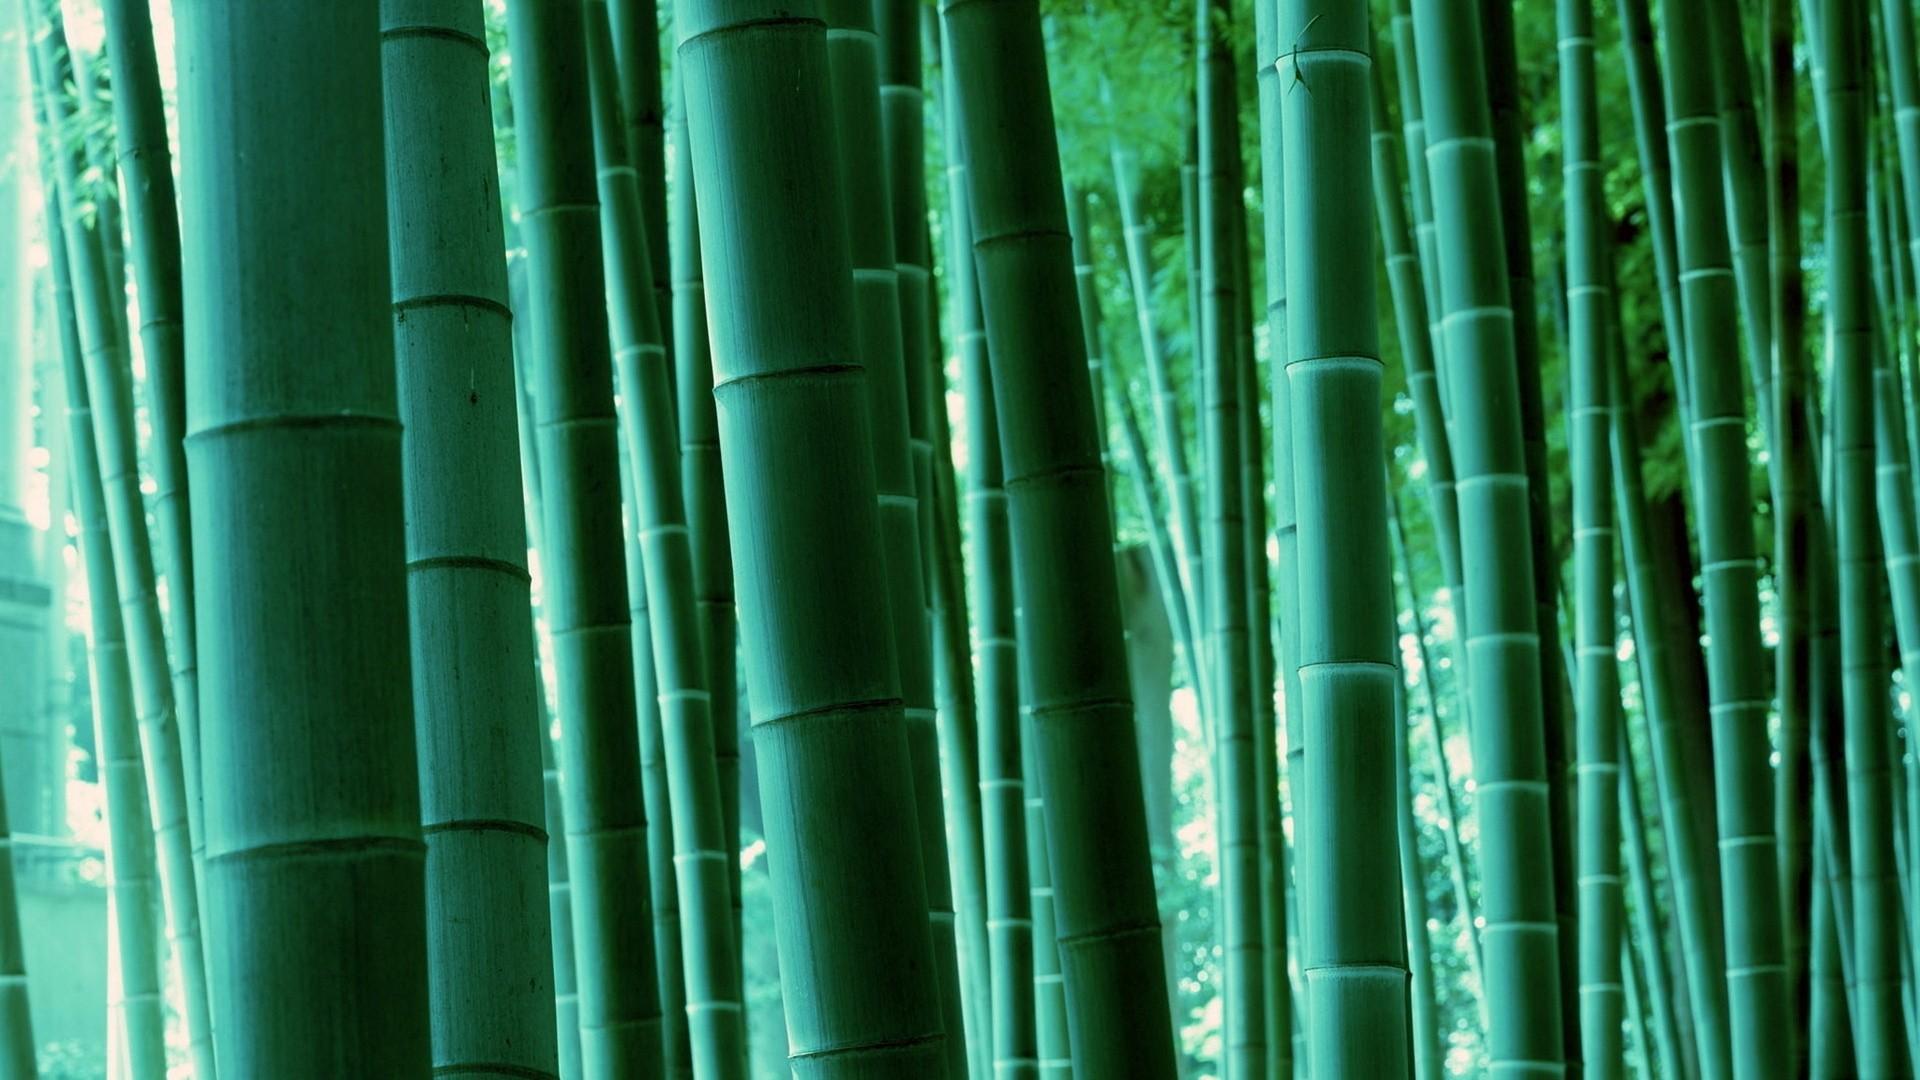 Bamboo a wallpaper